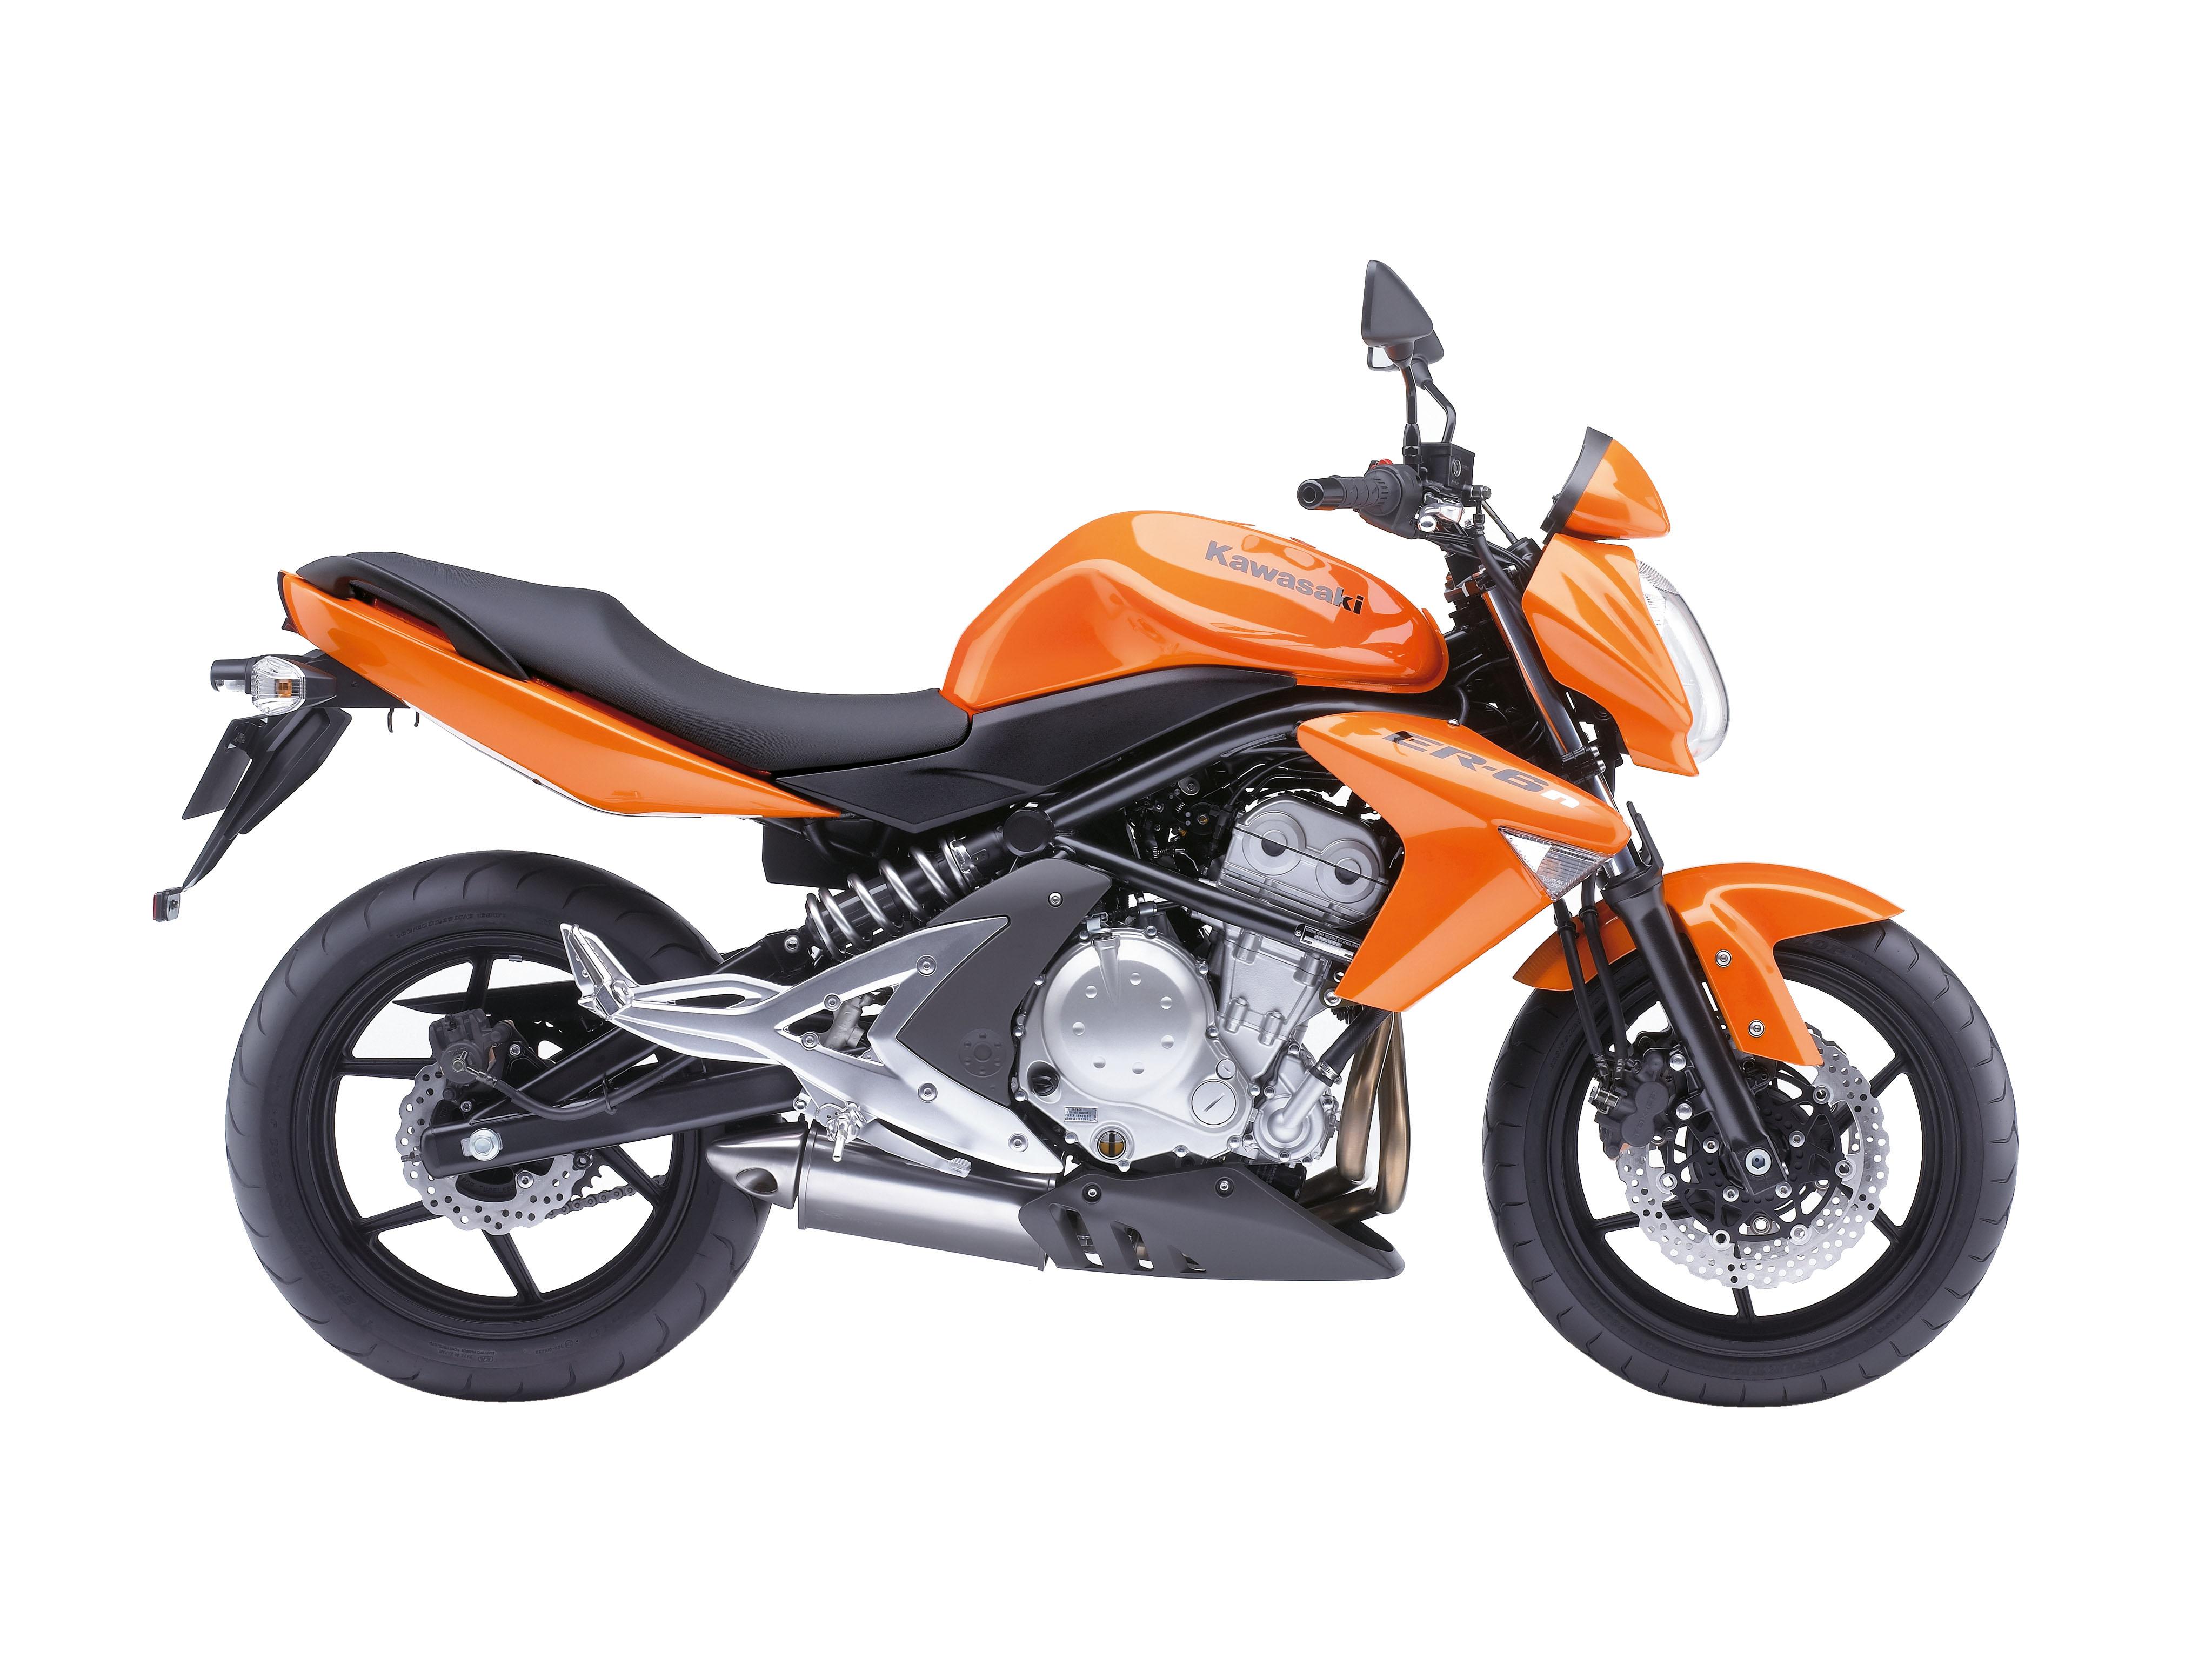 Kawasaki Er 6n Abs Motornl